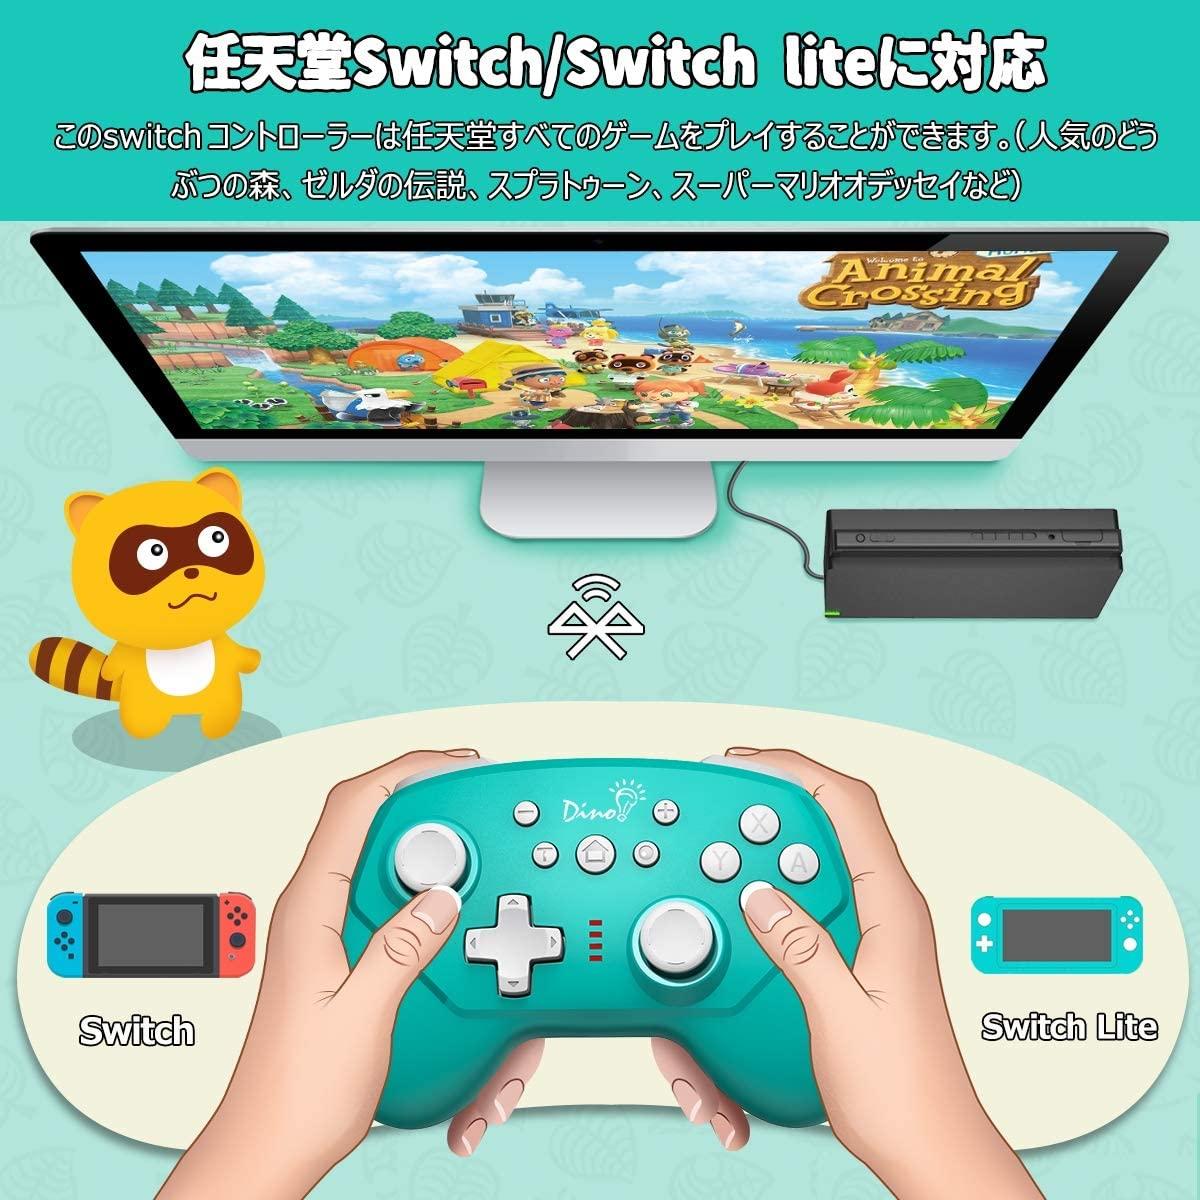 Switch コントローラー 2020最新版 DinoFire 無線 スイッチ コントローラー TURBO連射 無線接続 HD振動 switch/switch liteに対応 ジャイロセンサー搭載 switch プロコン 小型